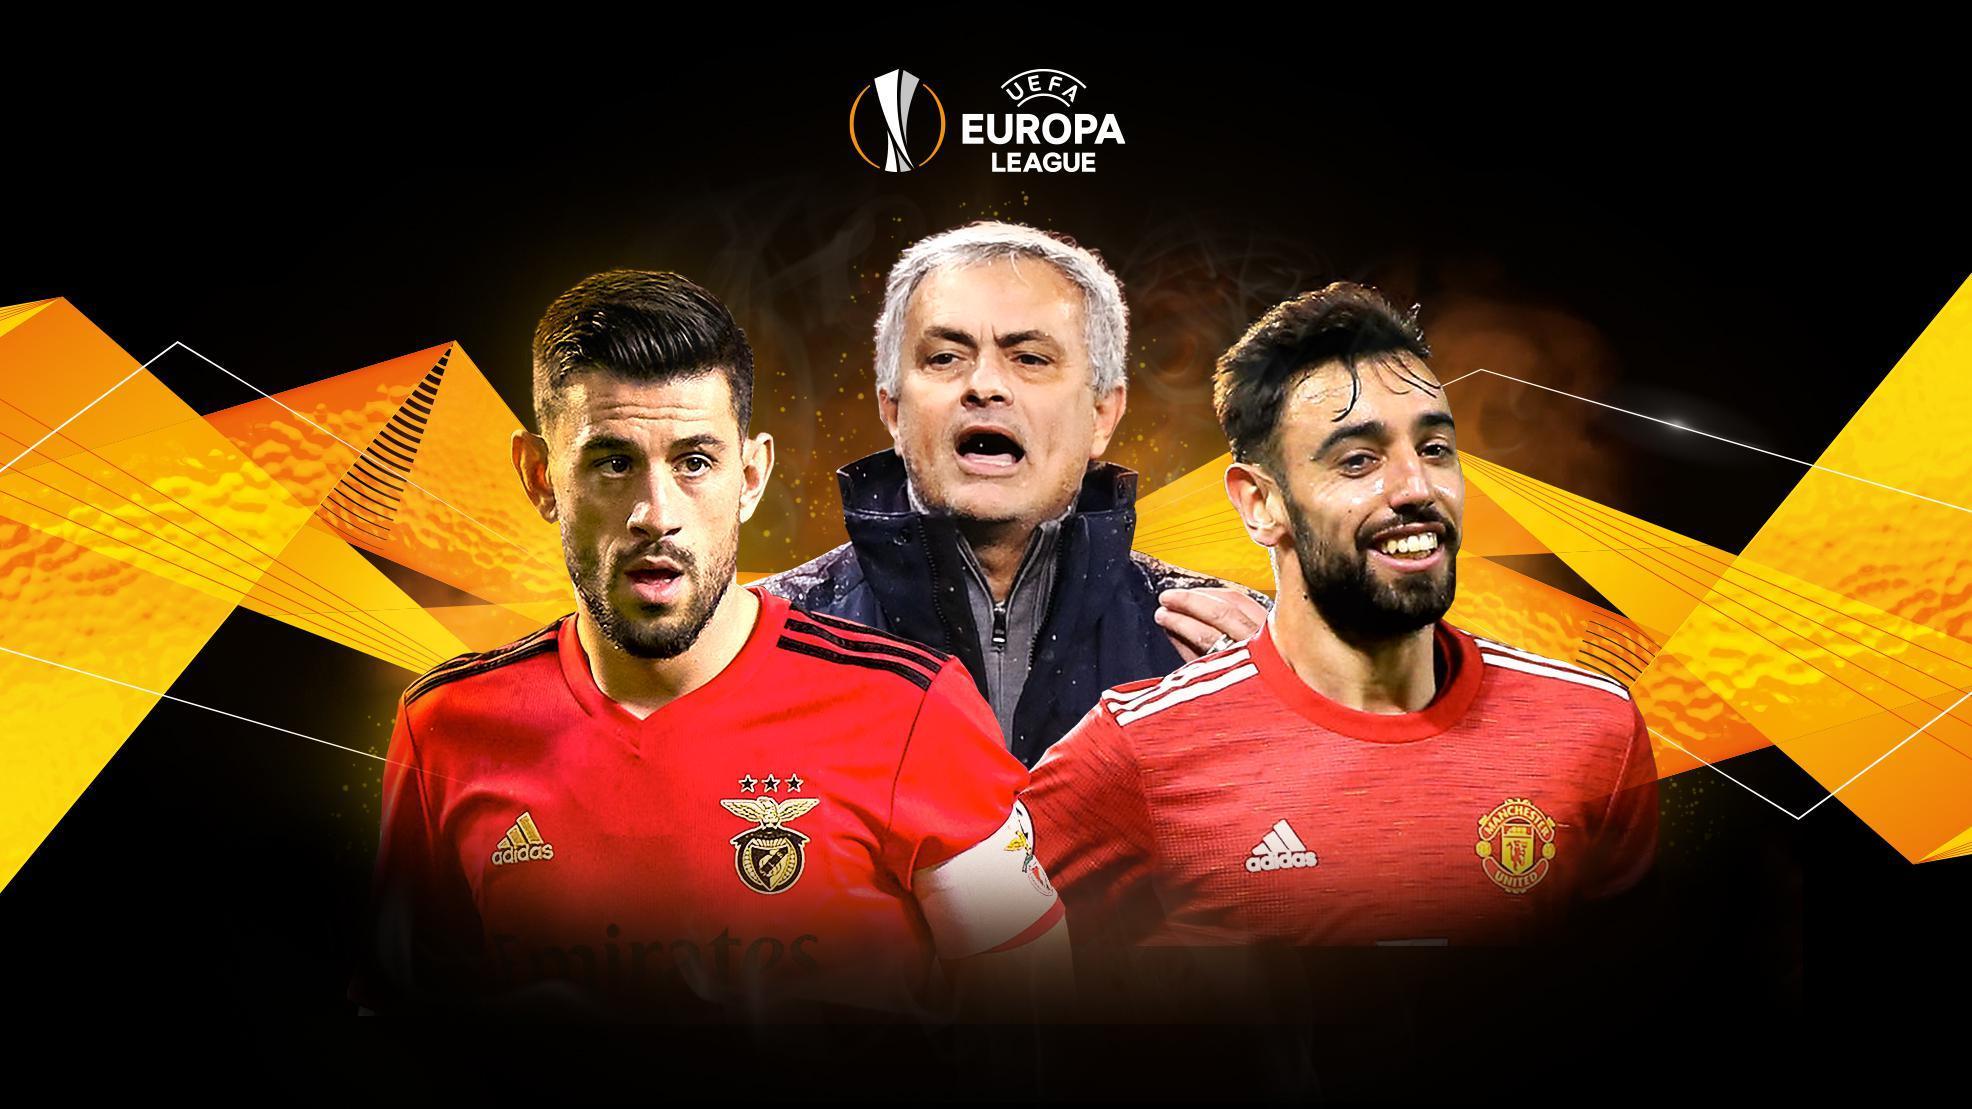 UEFA Europa League: resumen y resultado de los partidos de ida de dieciseisavos